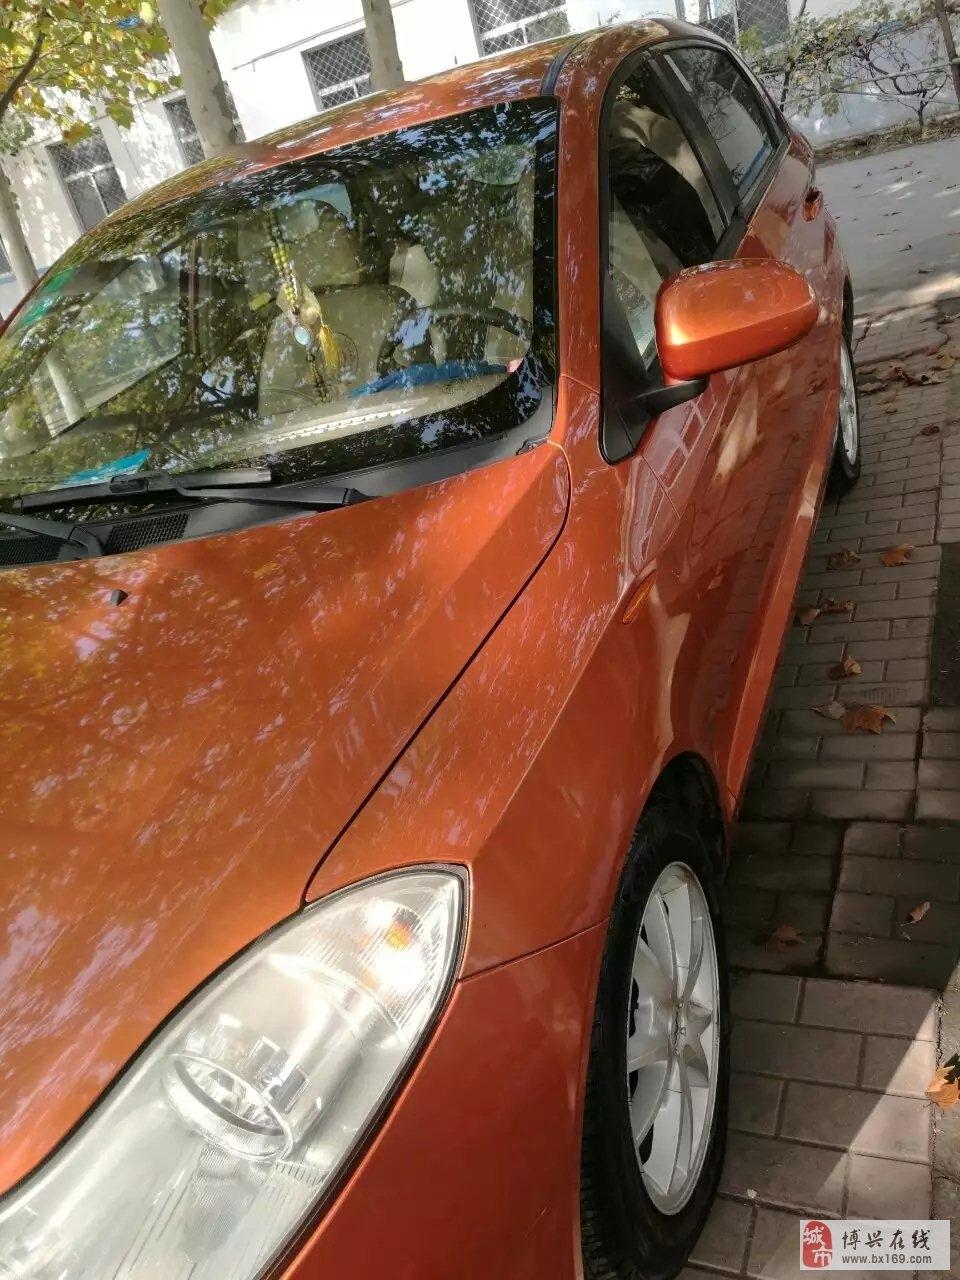 出售自用家庭用车,奇瑞风云2,两厢,1.6L